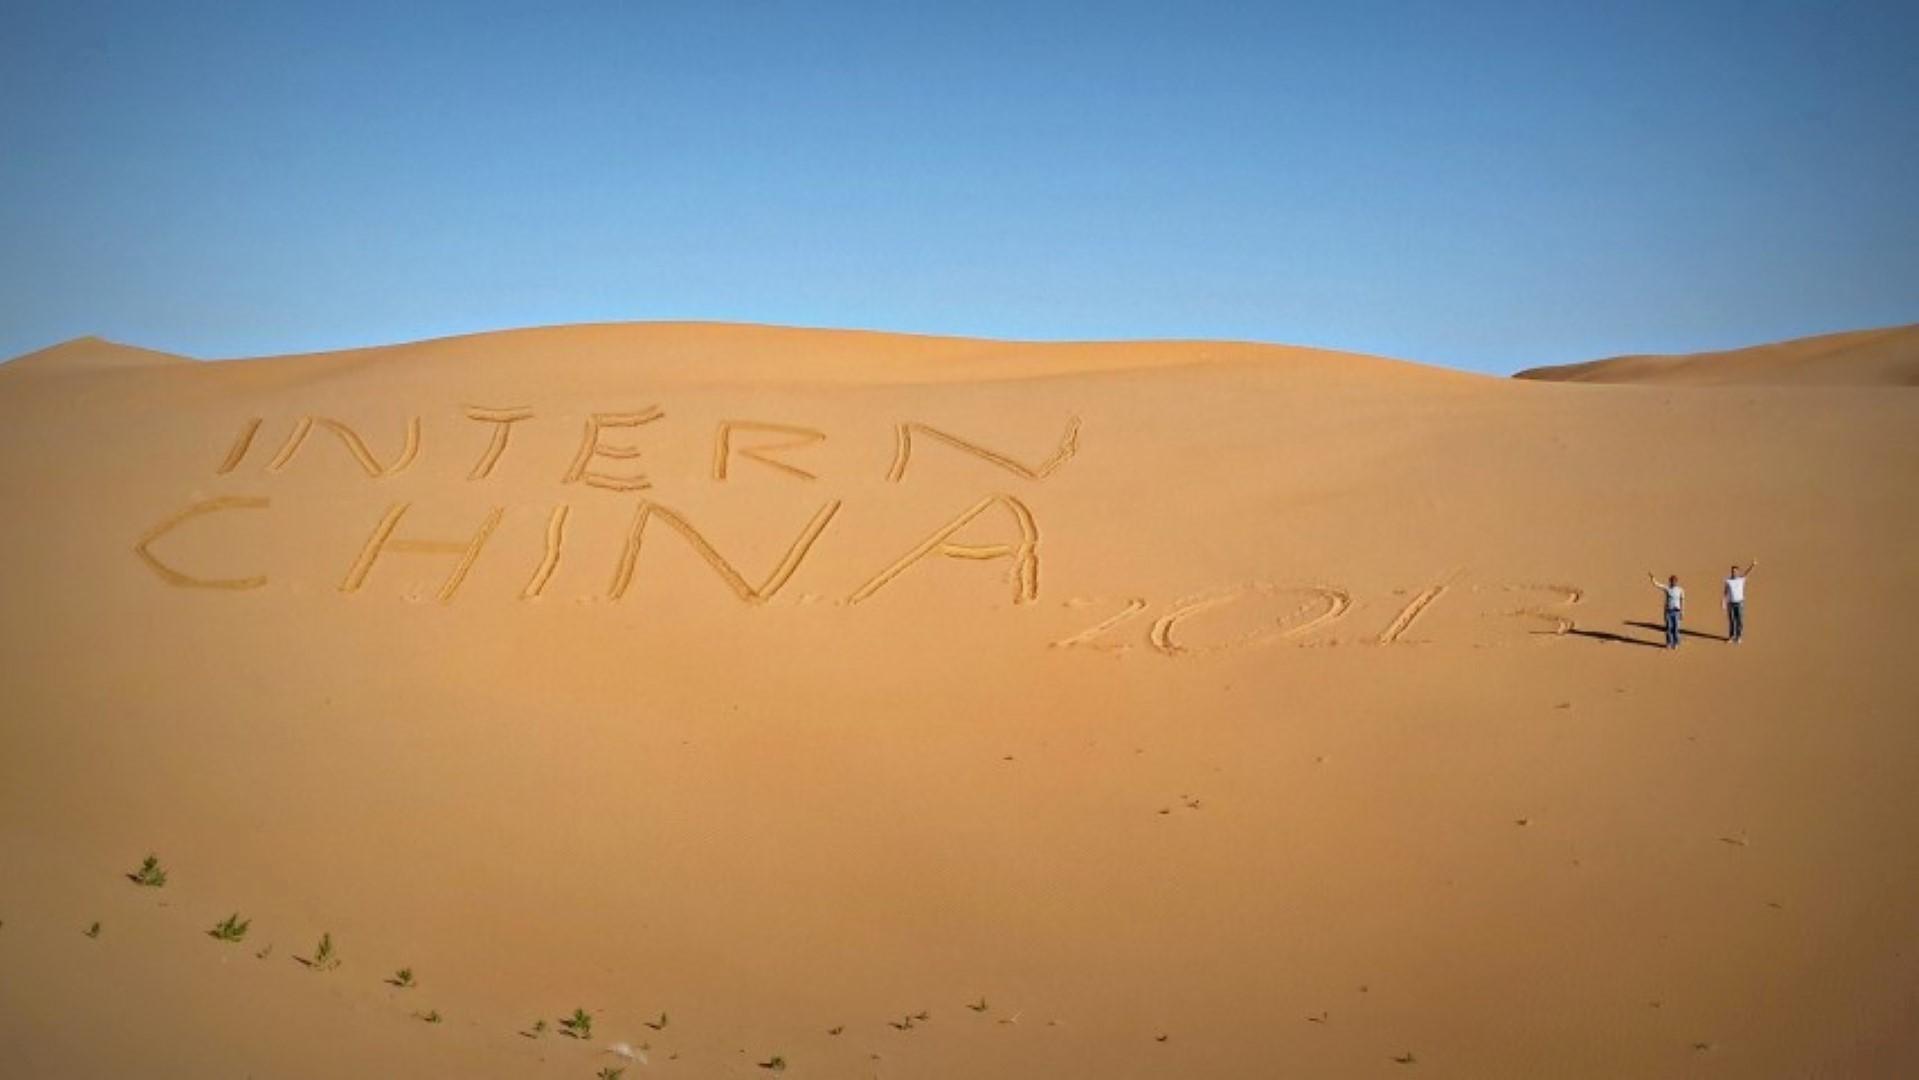 InternChina - InternChina in the Gobi Desert! Woooooppp